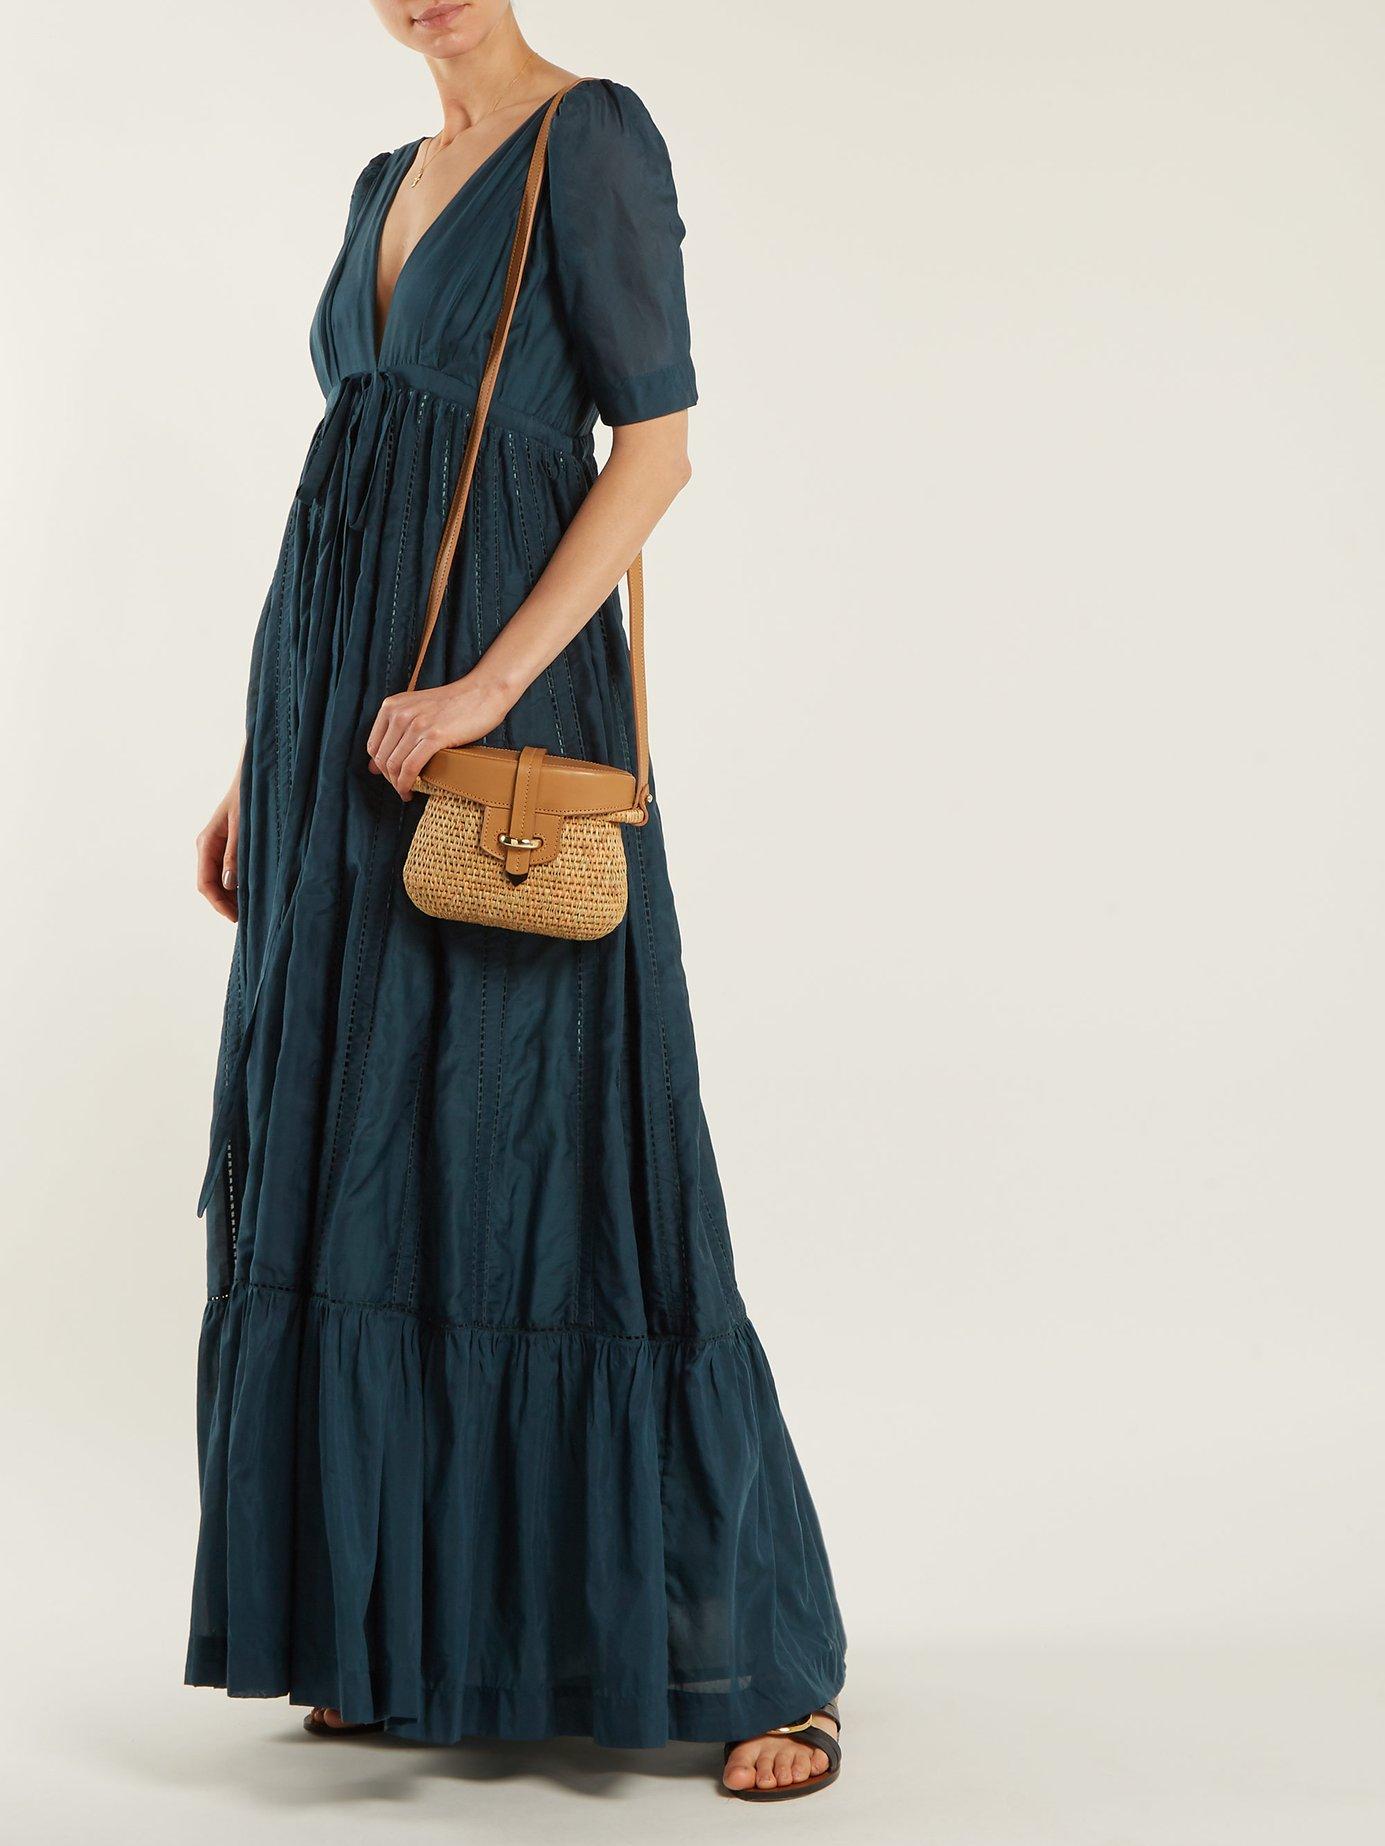 Uschi cotton-blend maxi dress by Kalita